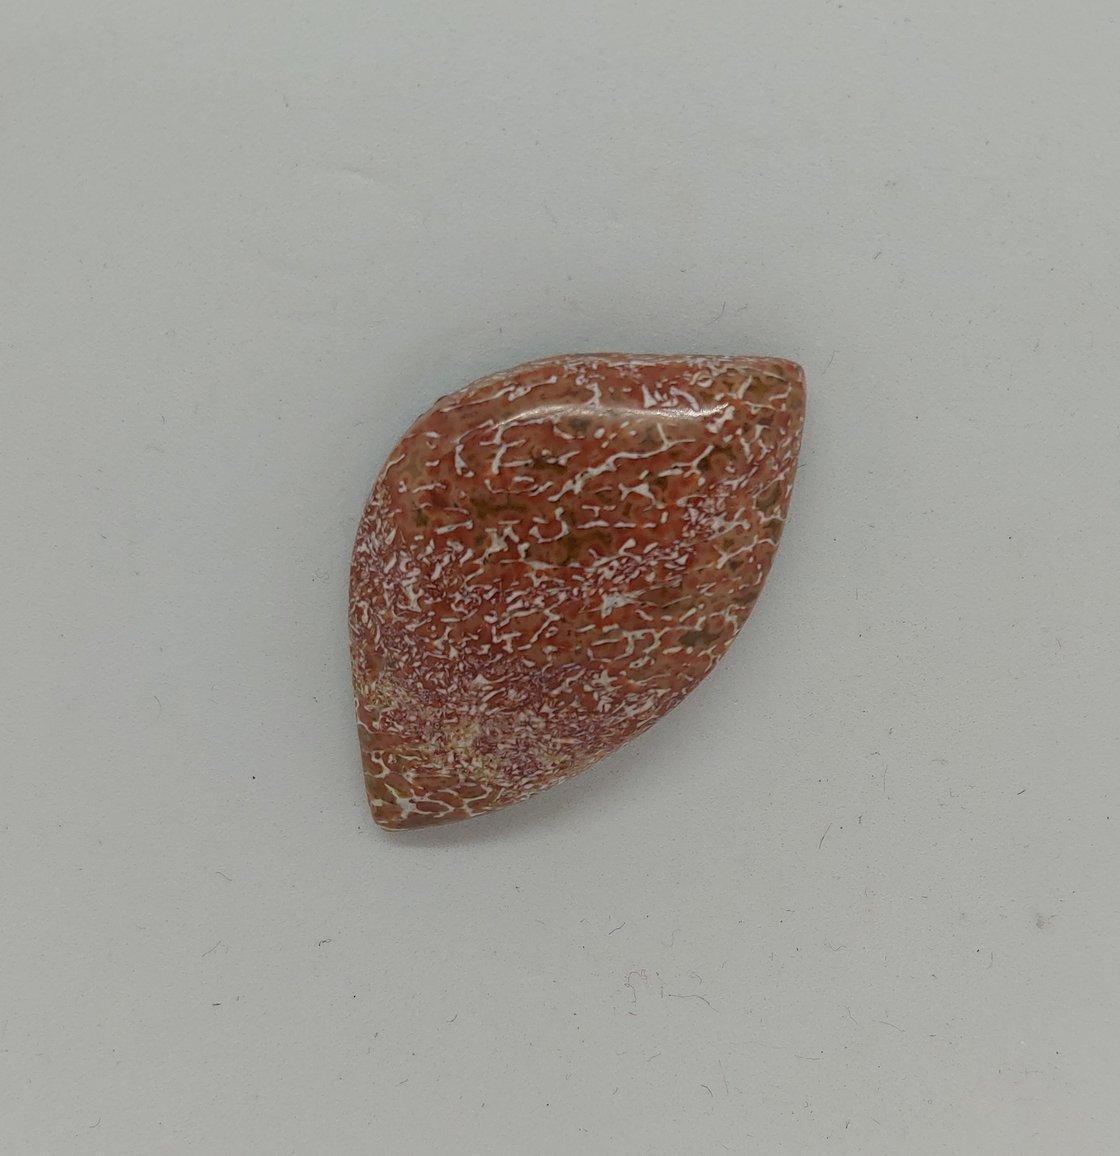 Image of Fossilized Dinosaur Bone #21-465